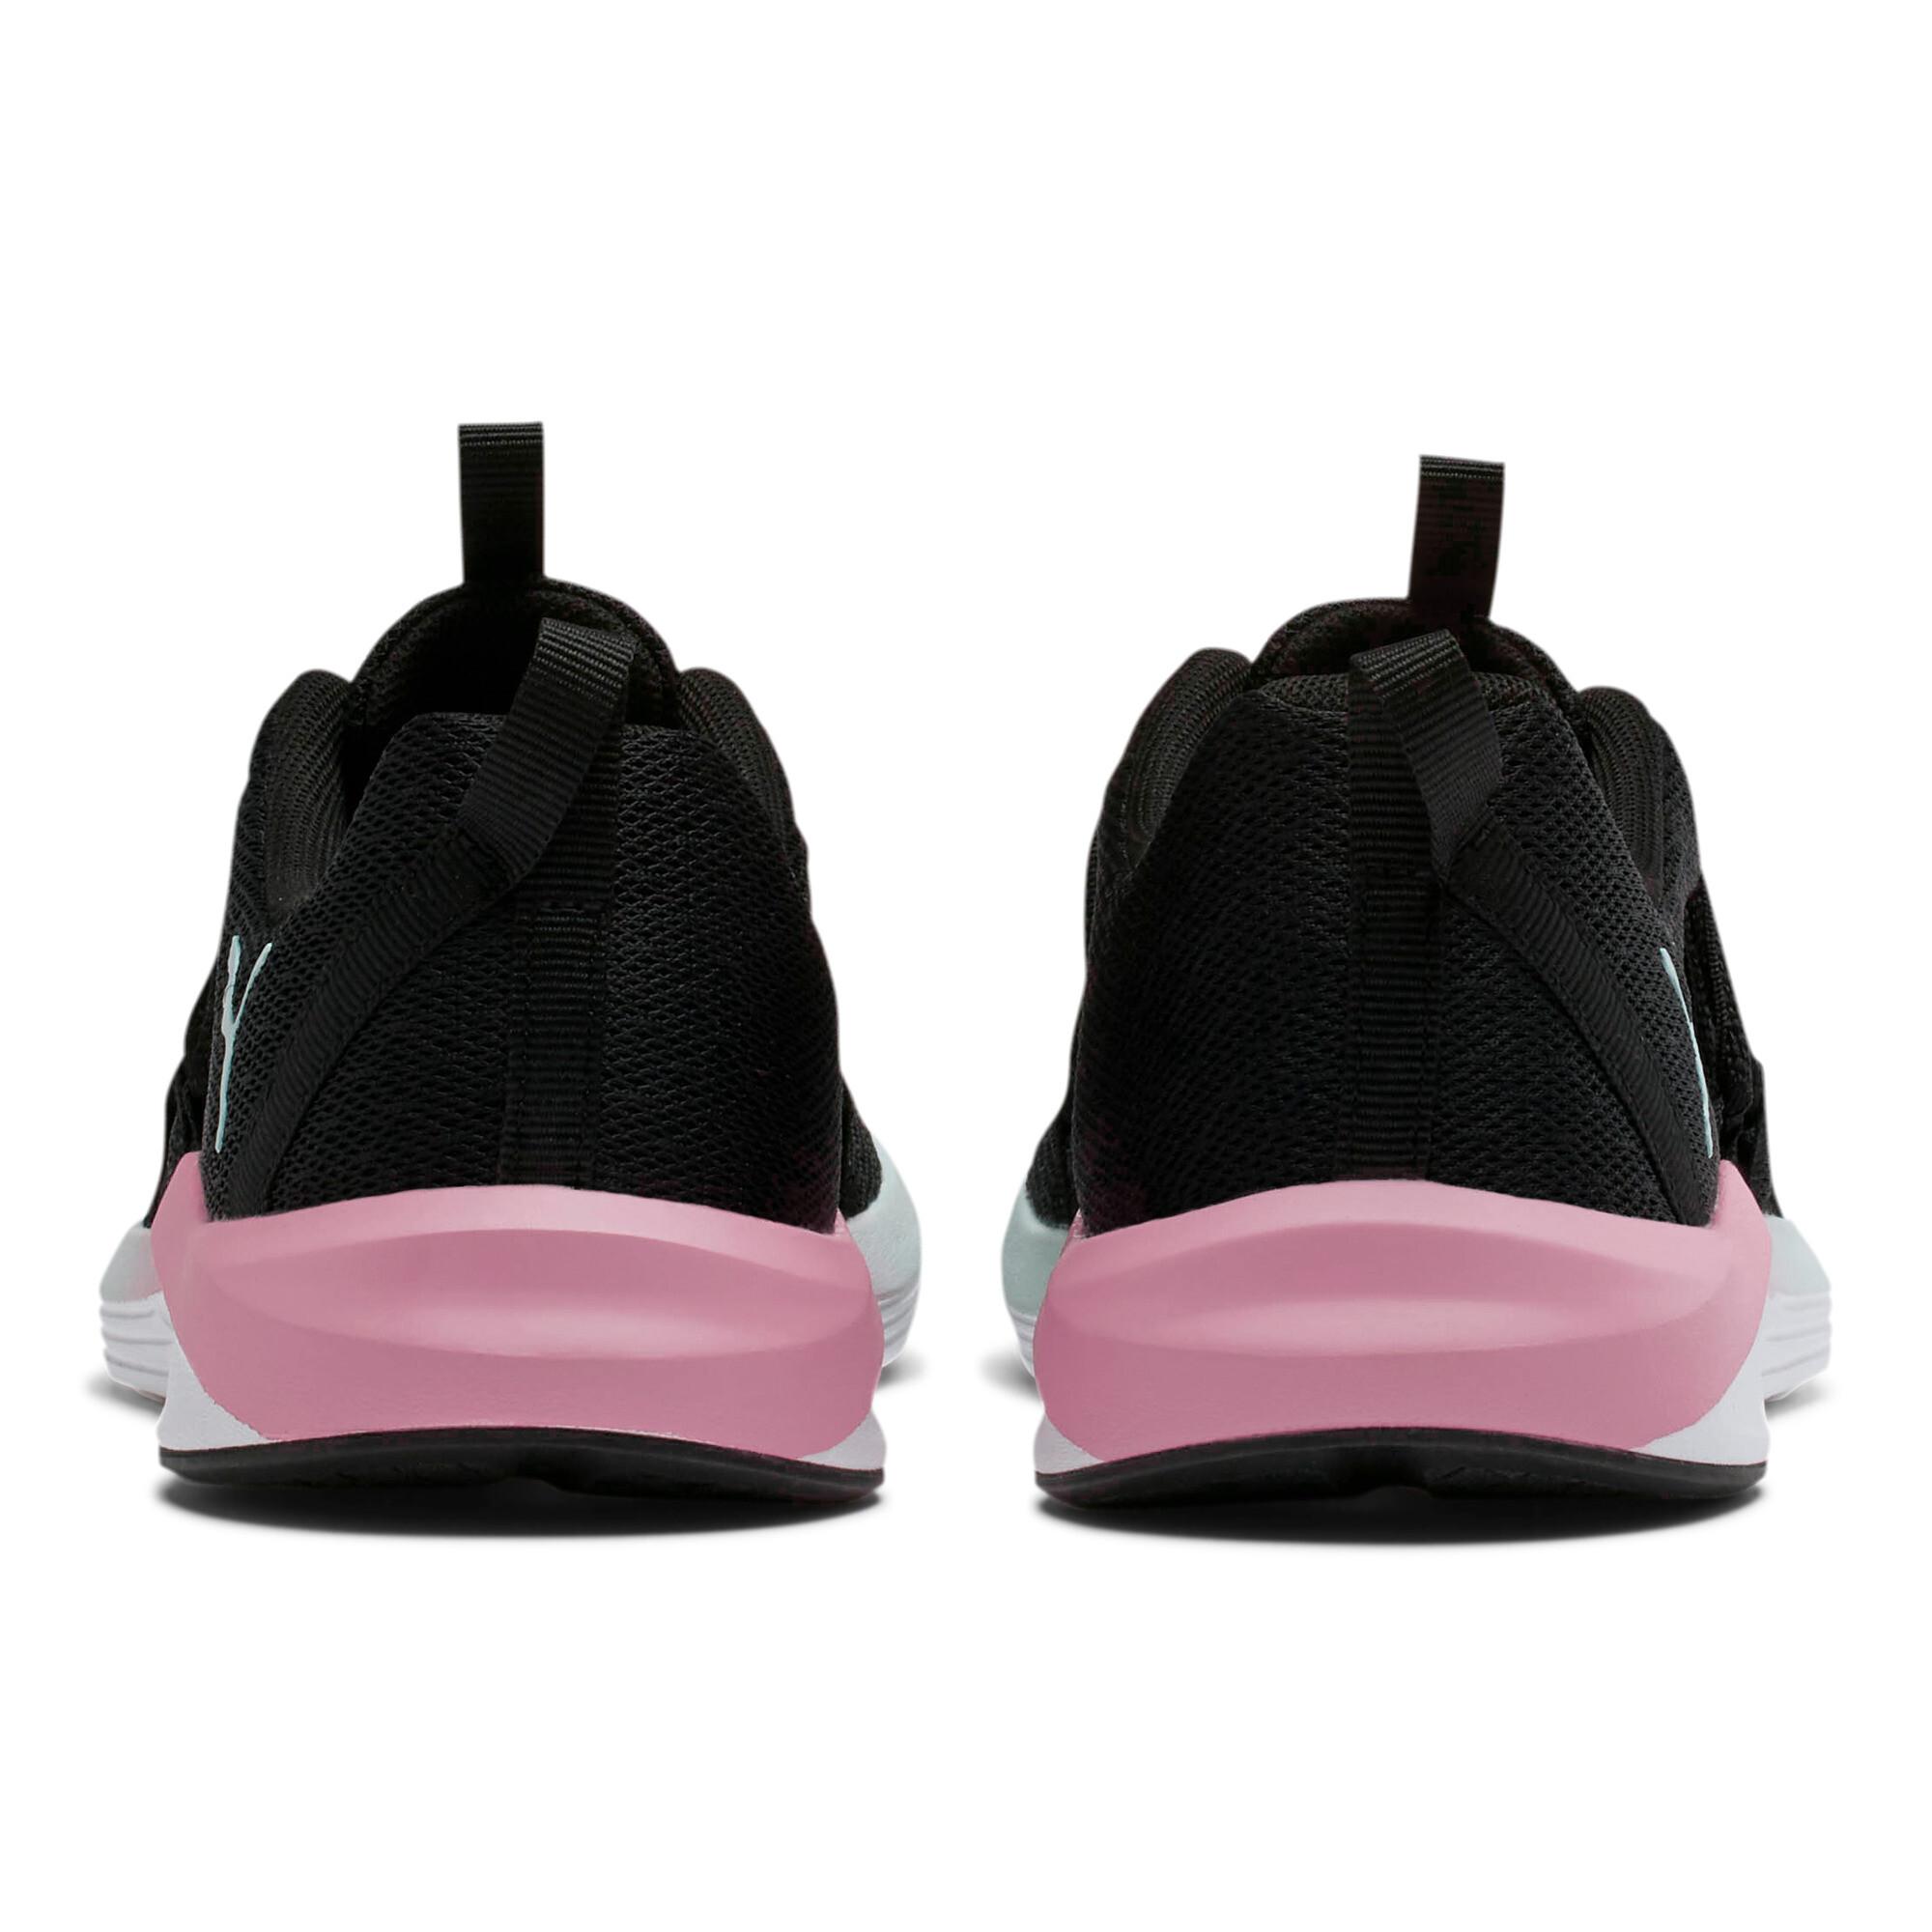 PUMA-Prowl-Alt-Fade-Women-s-Training-Shoes-Women-Shoe-Training thumbnail 13